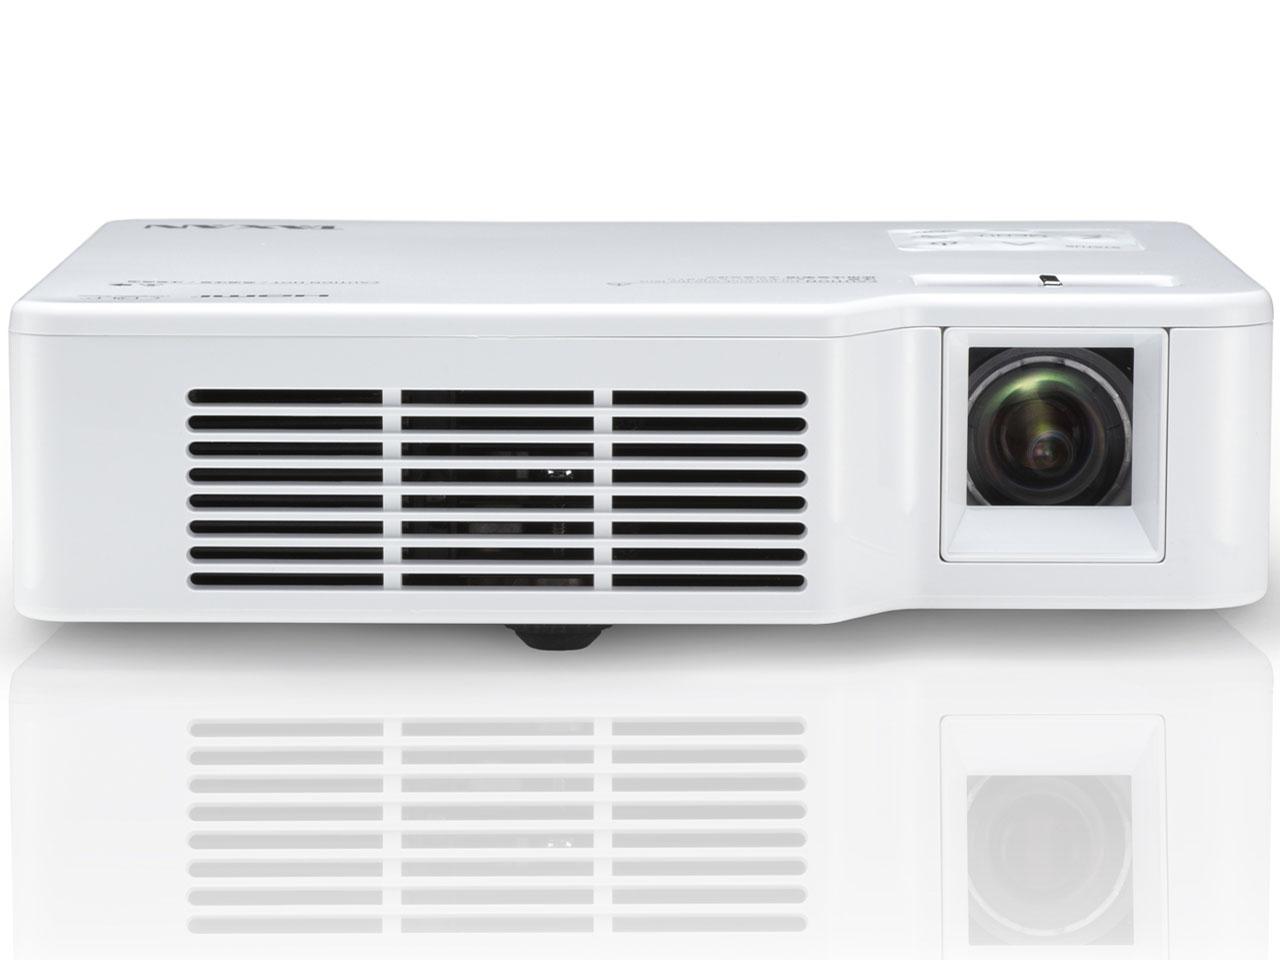 KG-PL05HW の製品画像